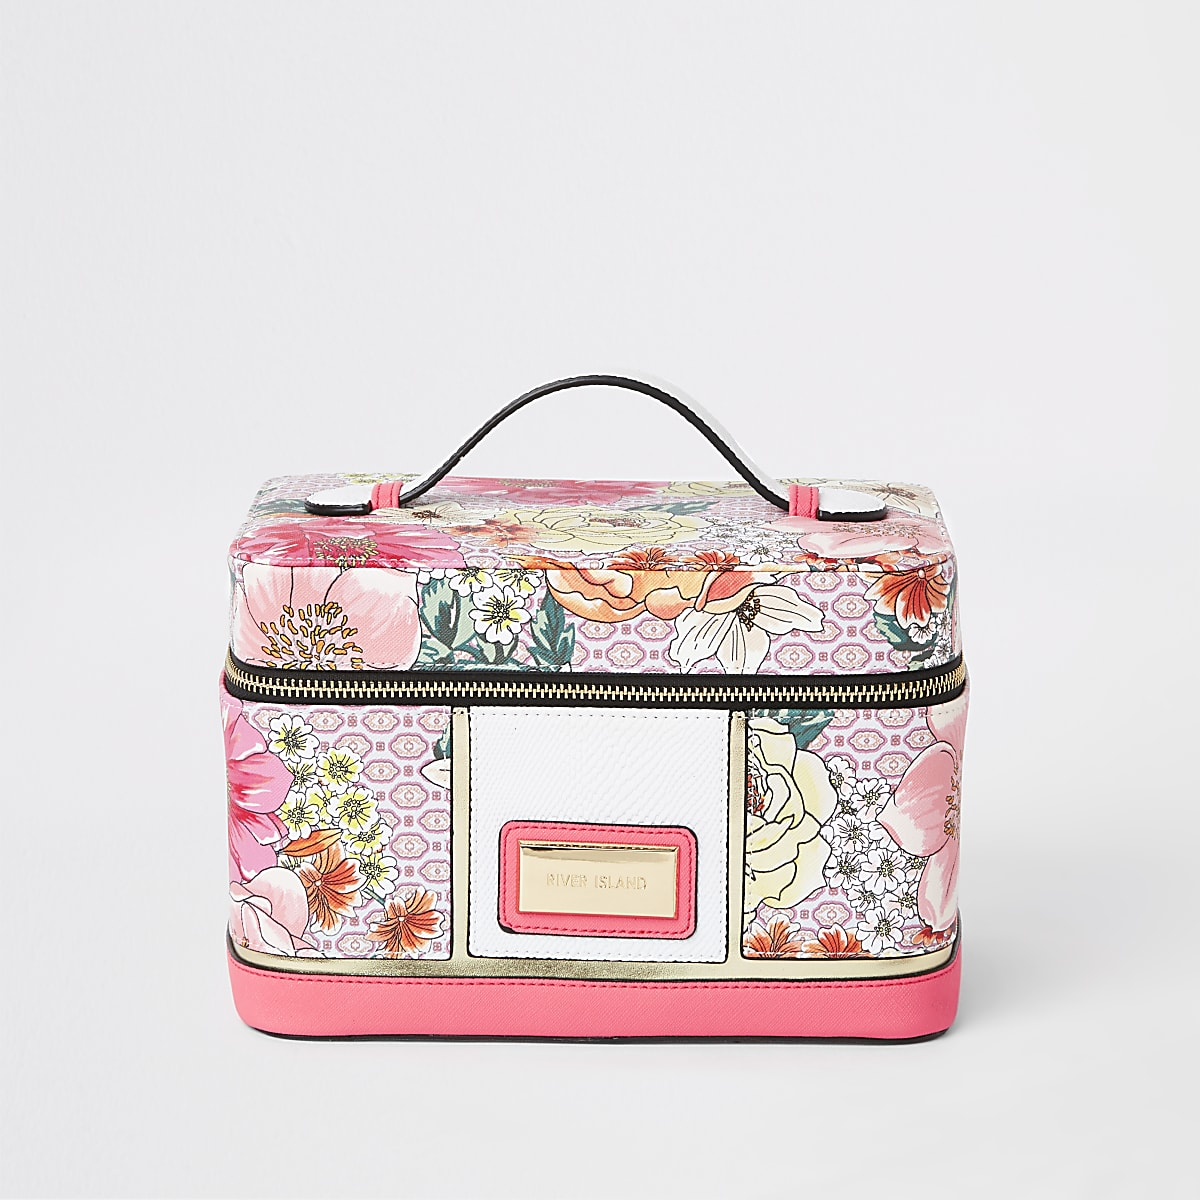 Light pink floral vanity case